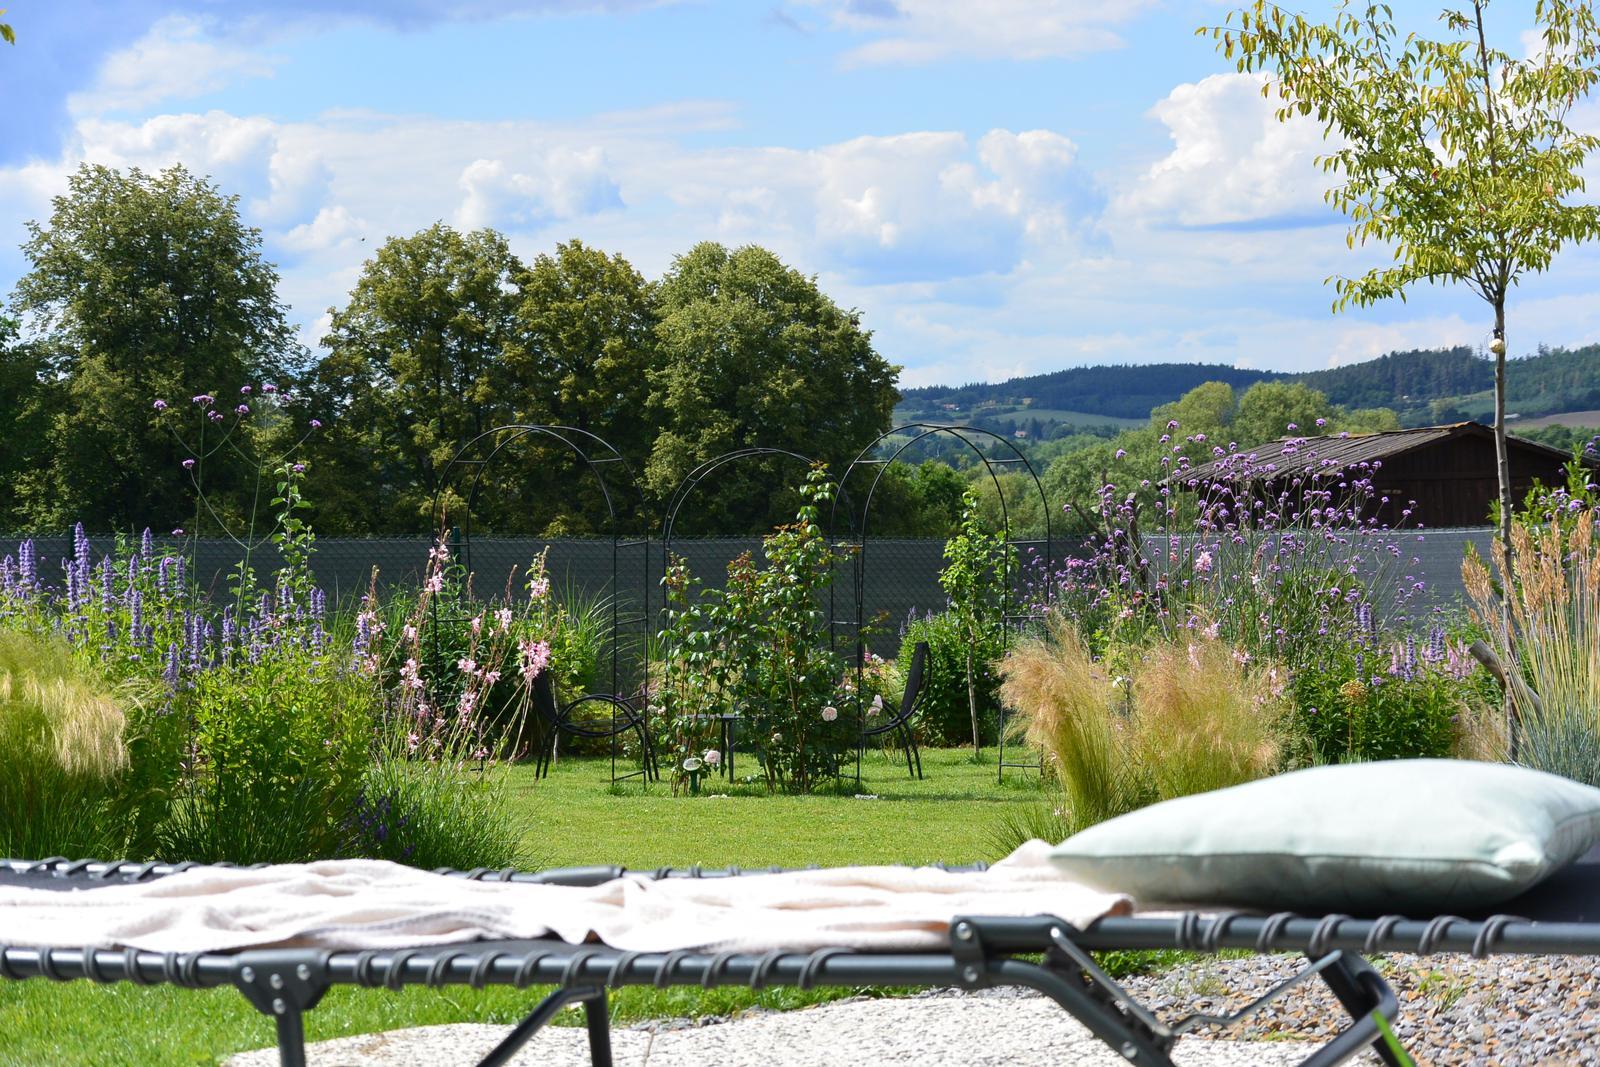 Motýlí zahrada 2019-2020 - Nejkrásnější pohled na zahradu je z lehátka. :-)